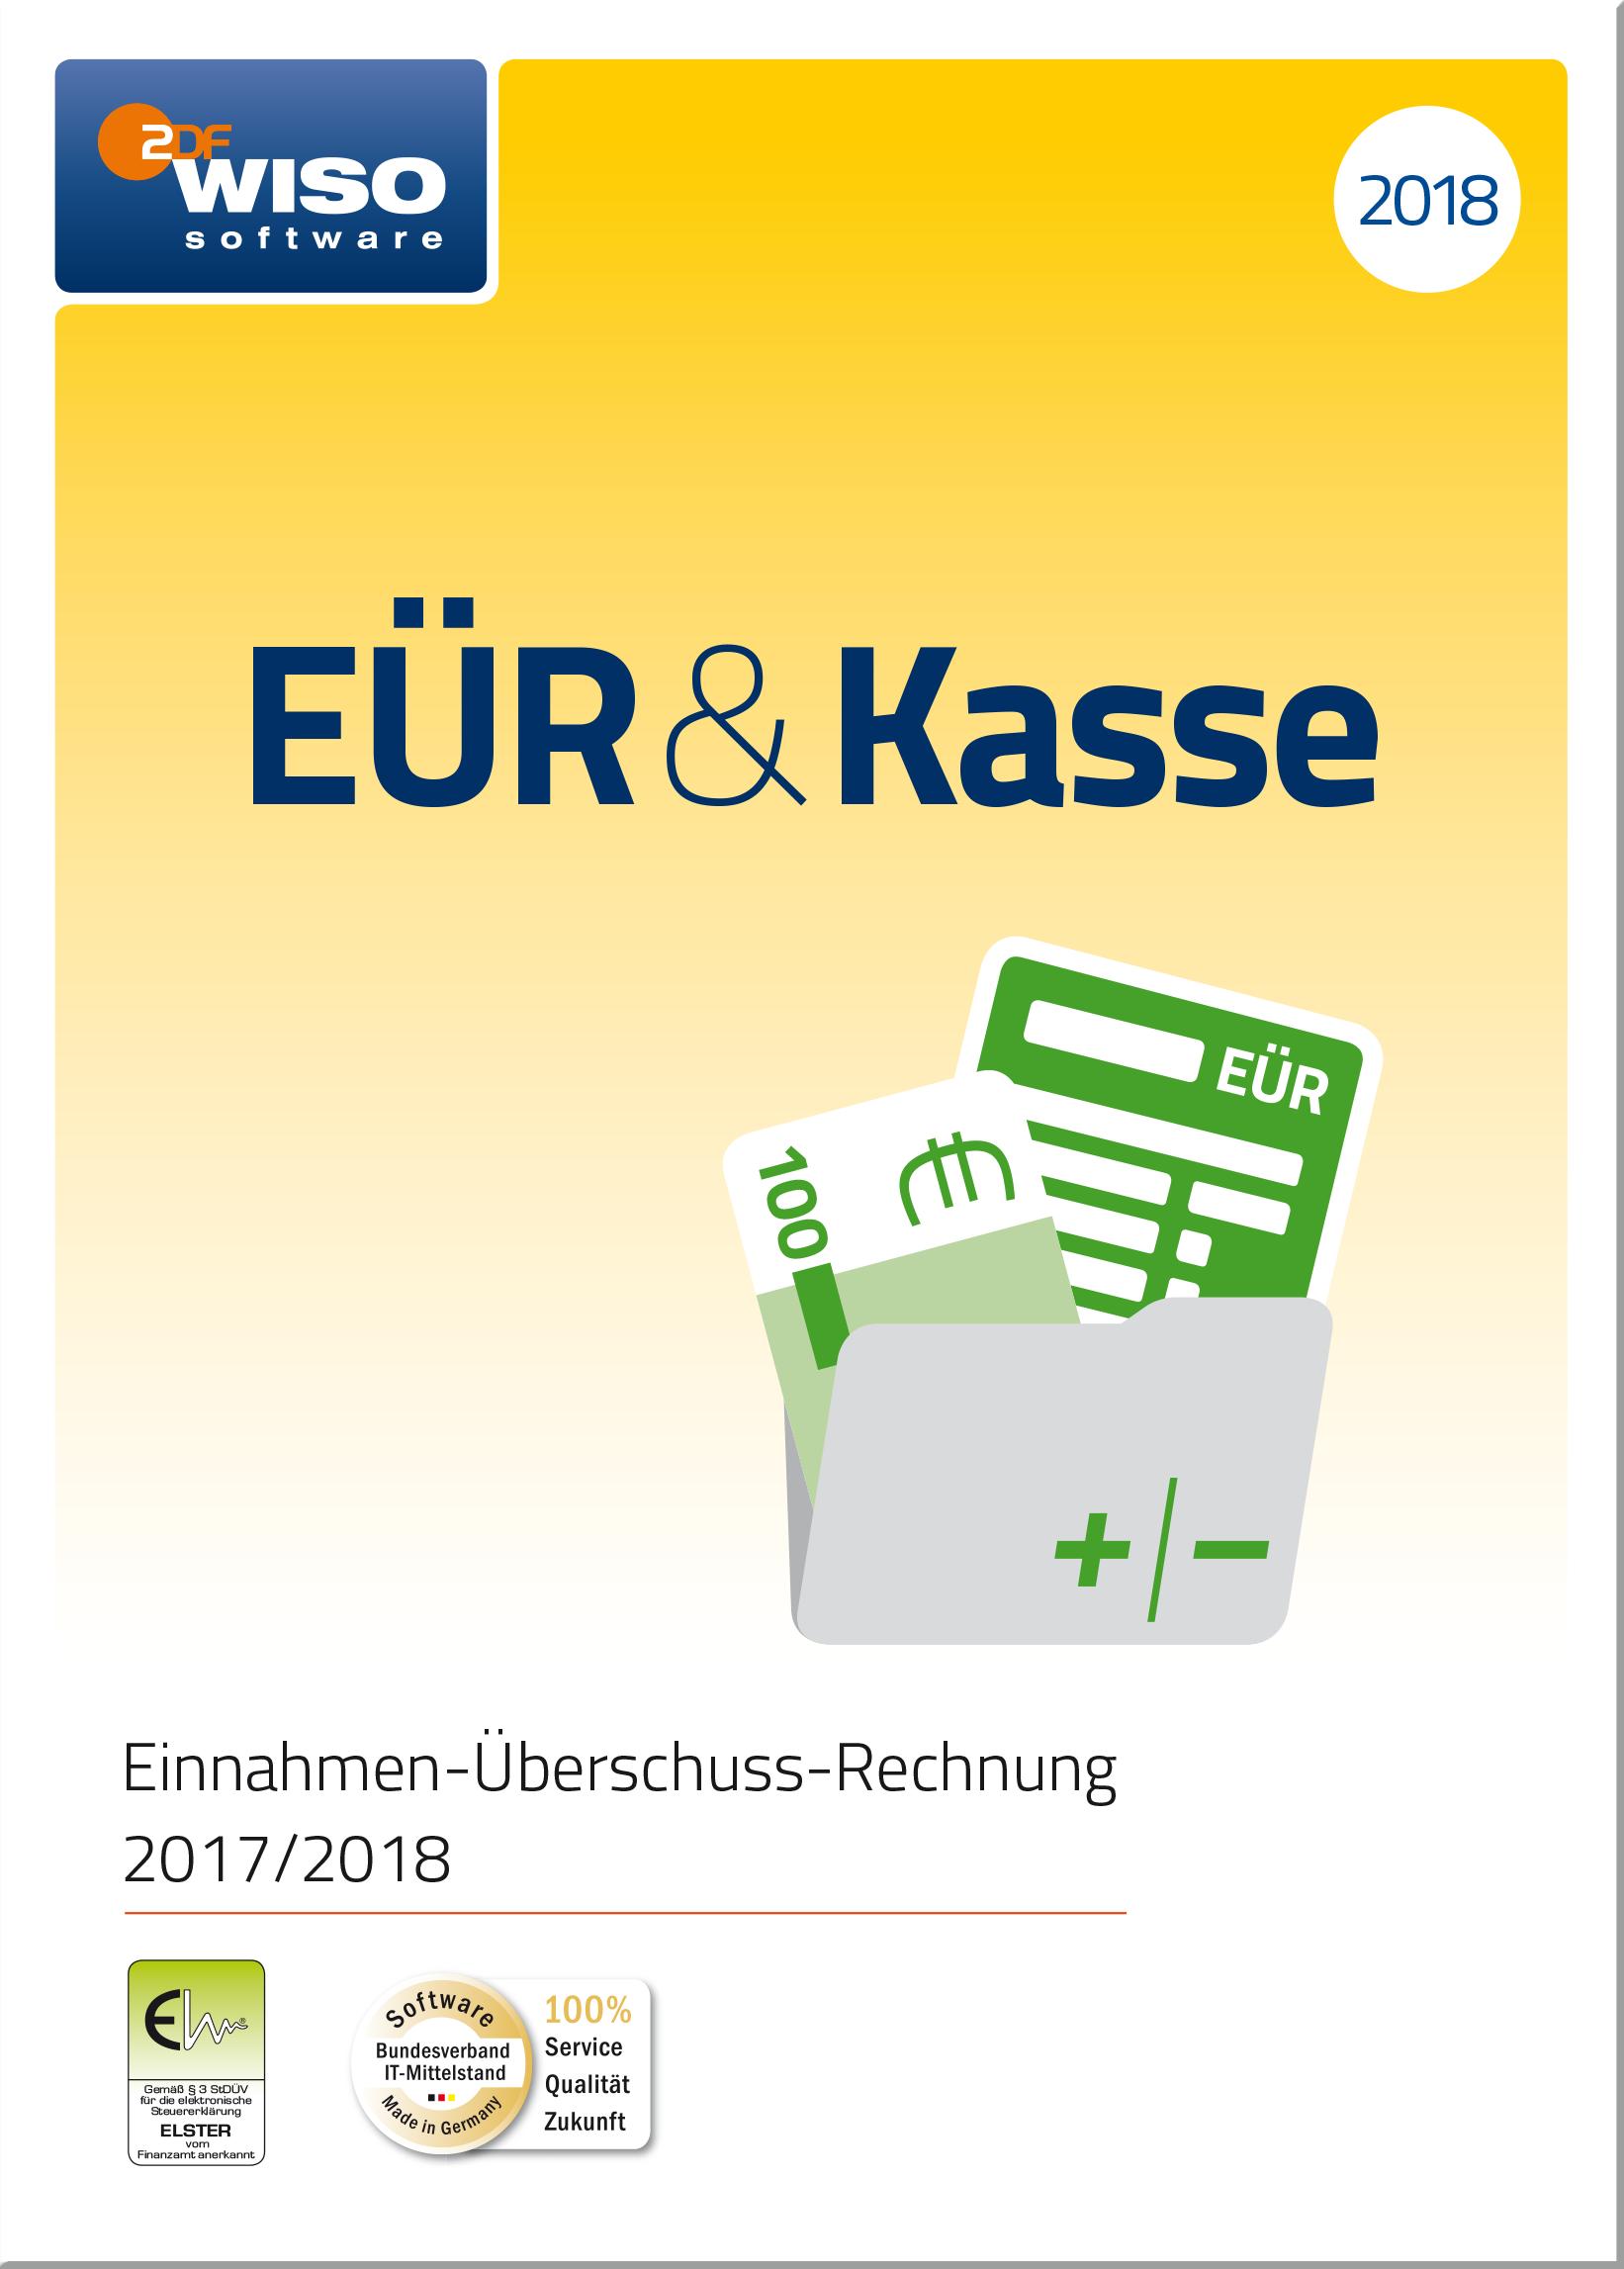 WISO EÜR & Kasse 2018: Für die Einnahmen-Überschuss-Rechnung 2017/2018 inkl. Gewerbe- und Umsatzsteuererklärung [Online Code]